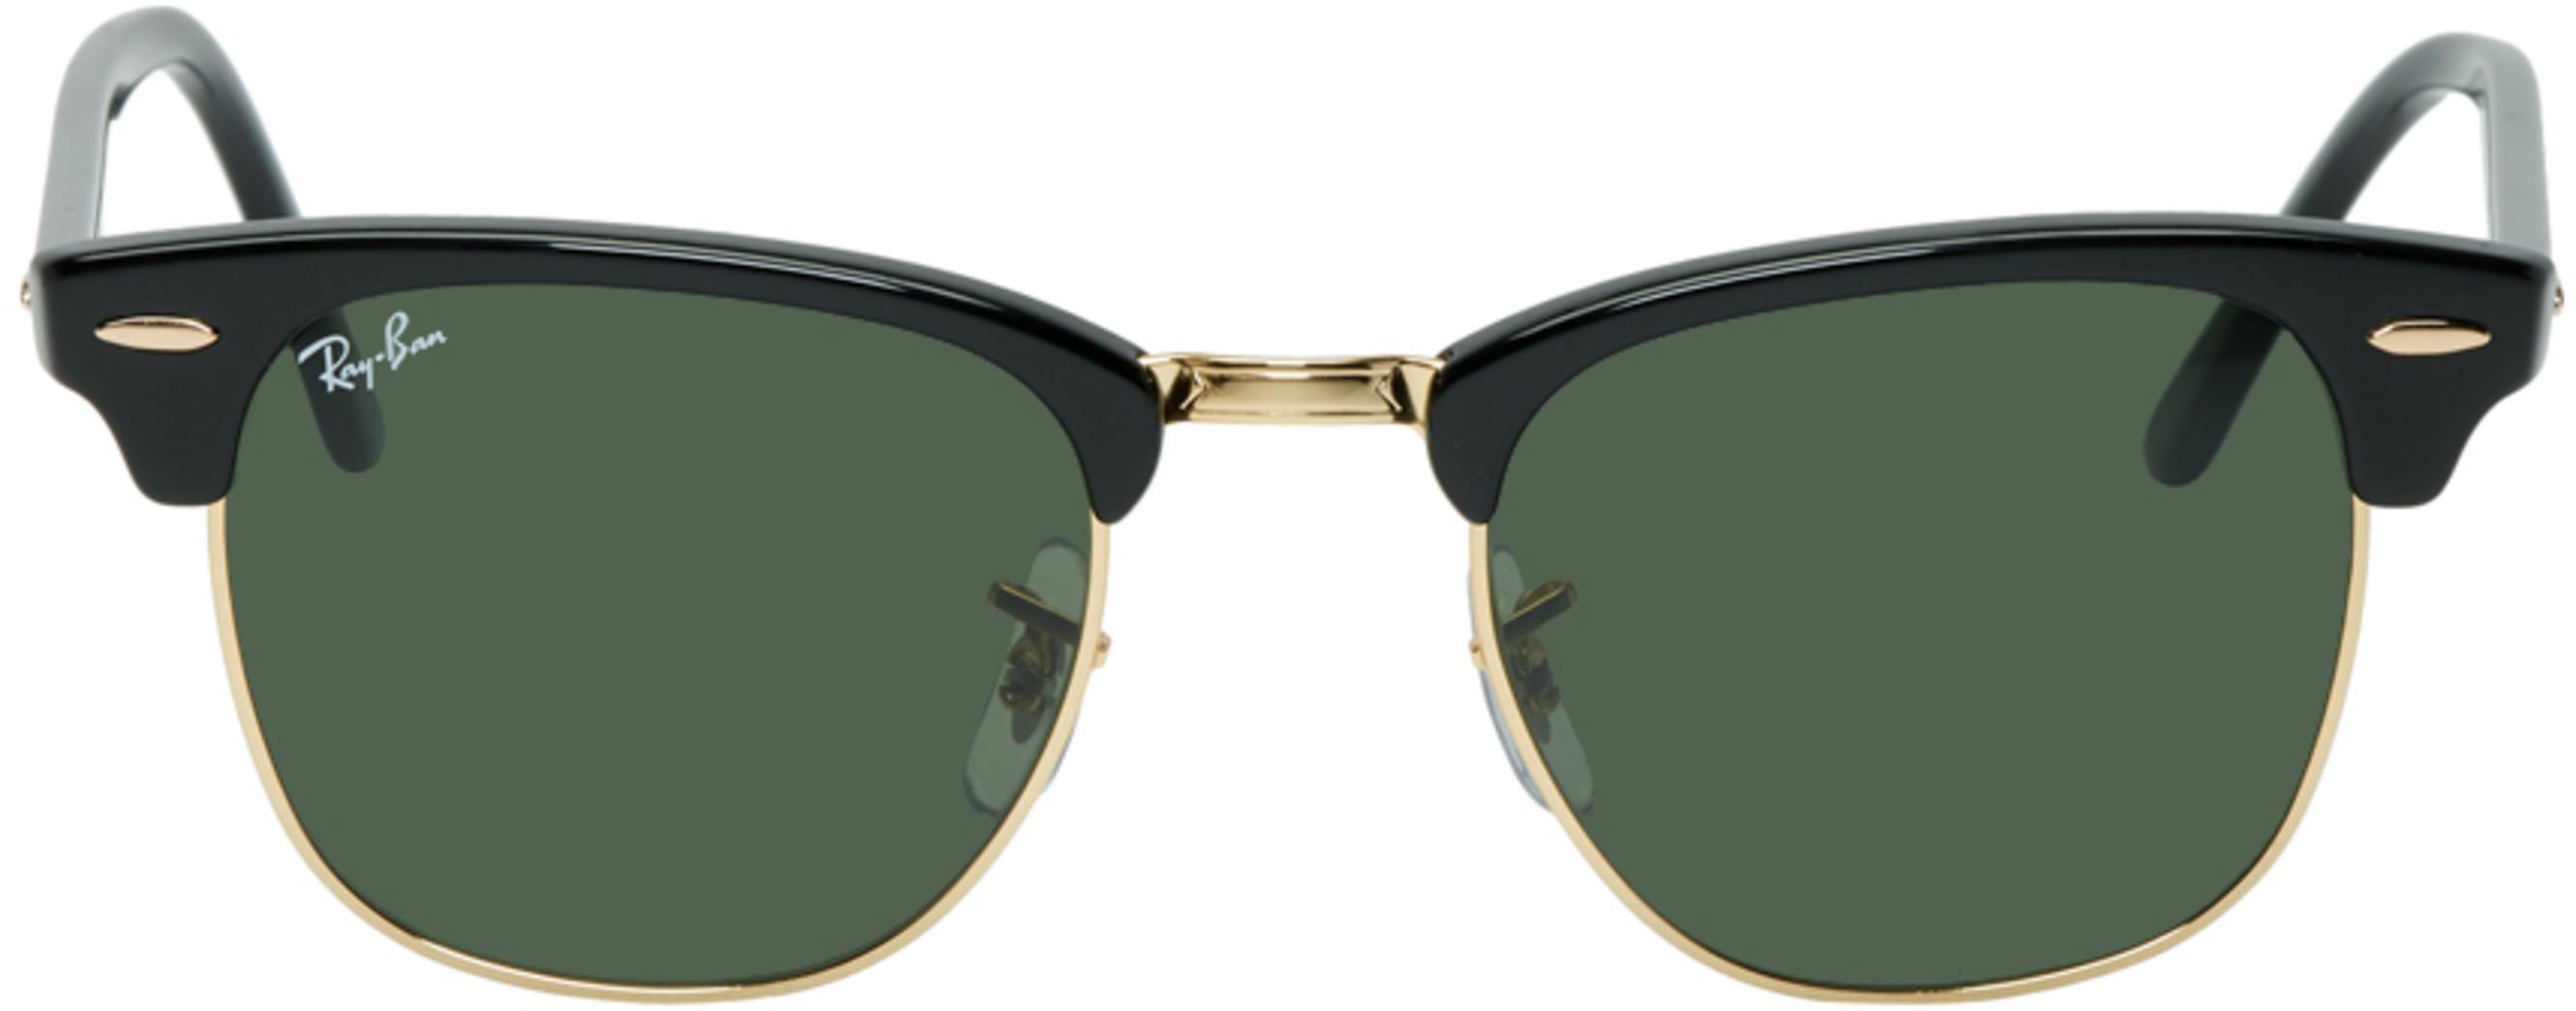 b22ccdbfe64 Ray-ban sunglasses for Men | SSENSE